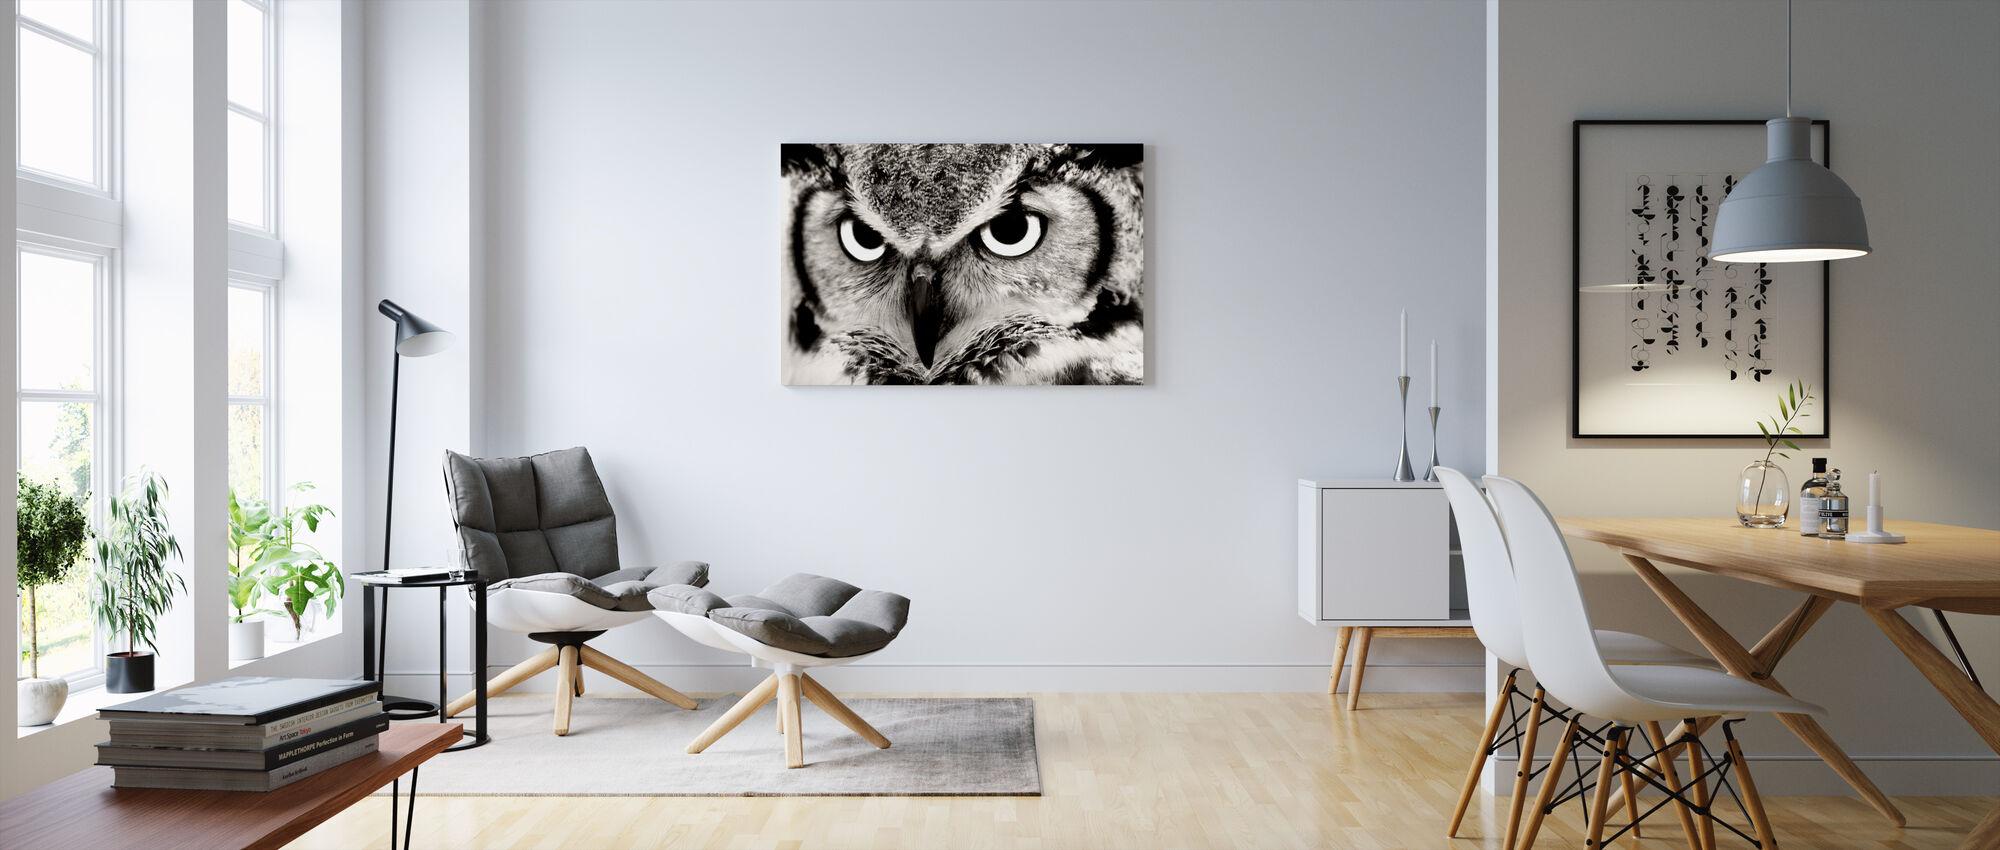 Grote Gehoornde Uil - Canvas print - Woonkamer